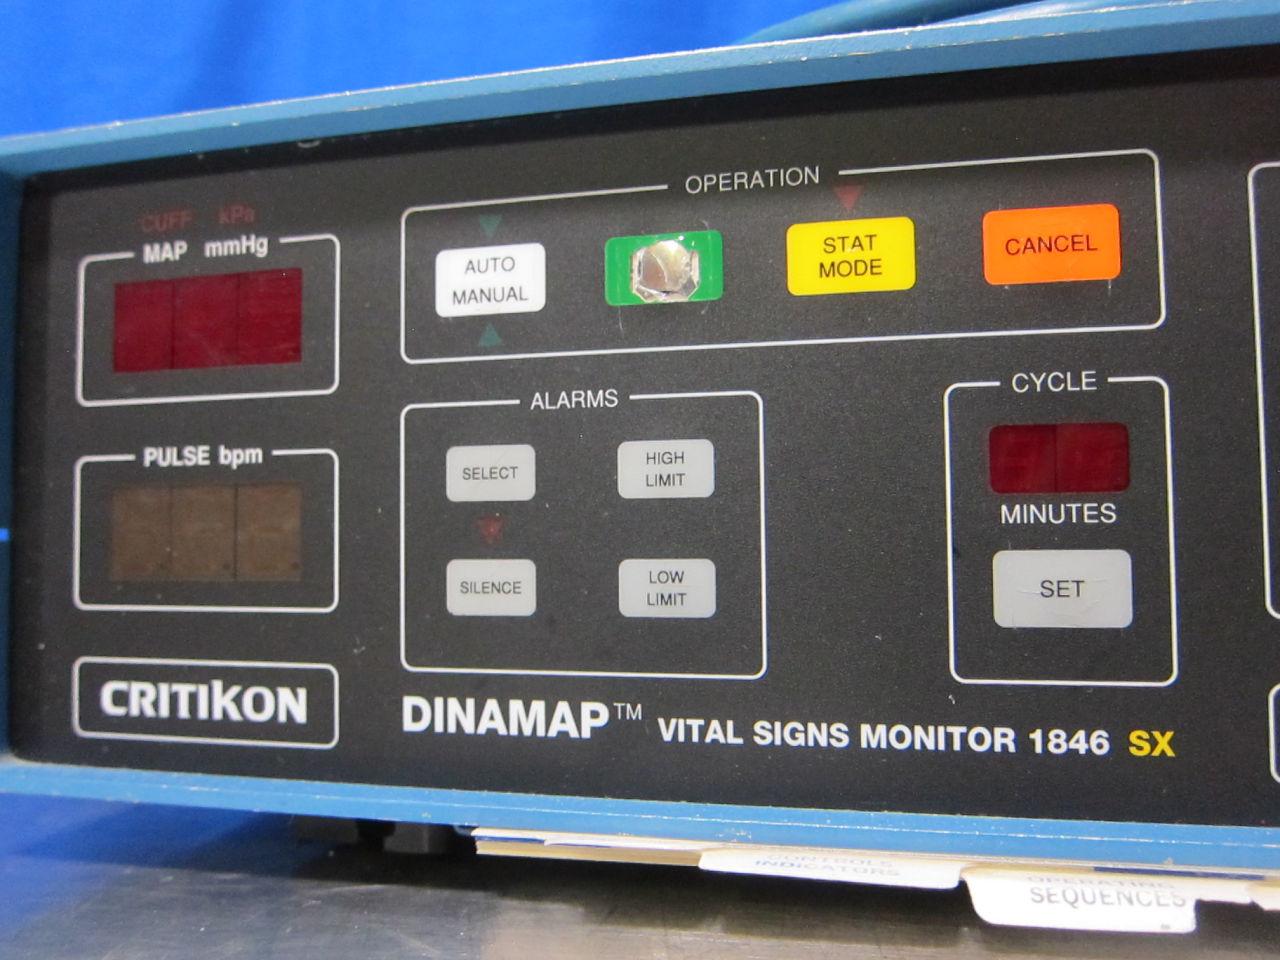 CRITIKON Dinamap 1846 SX Monitor